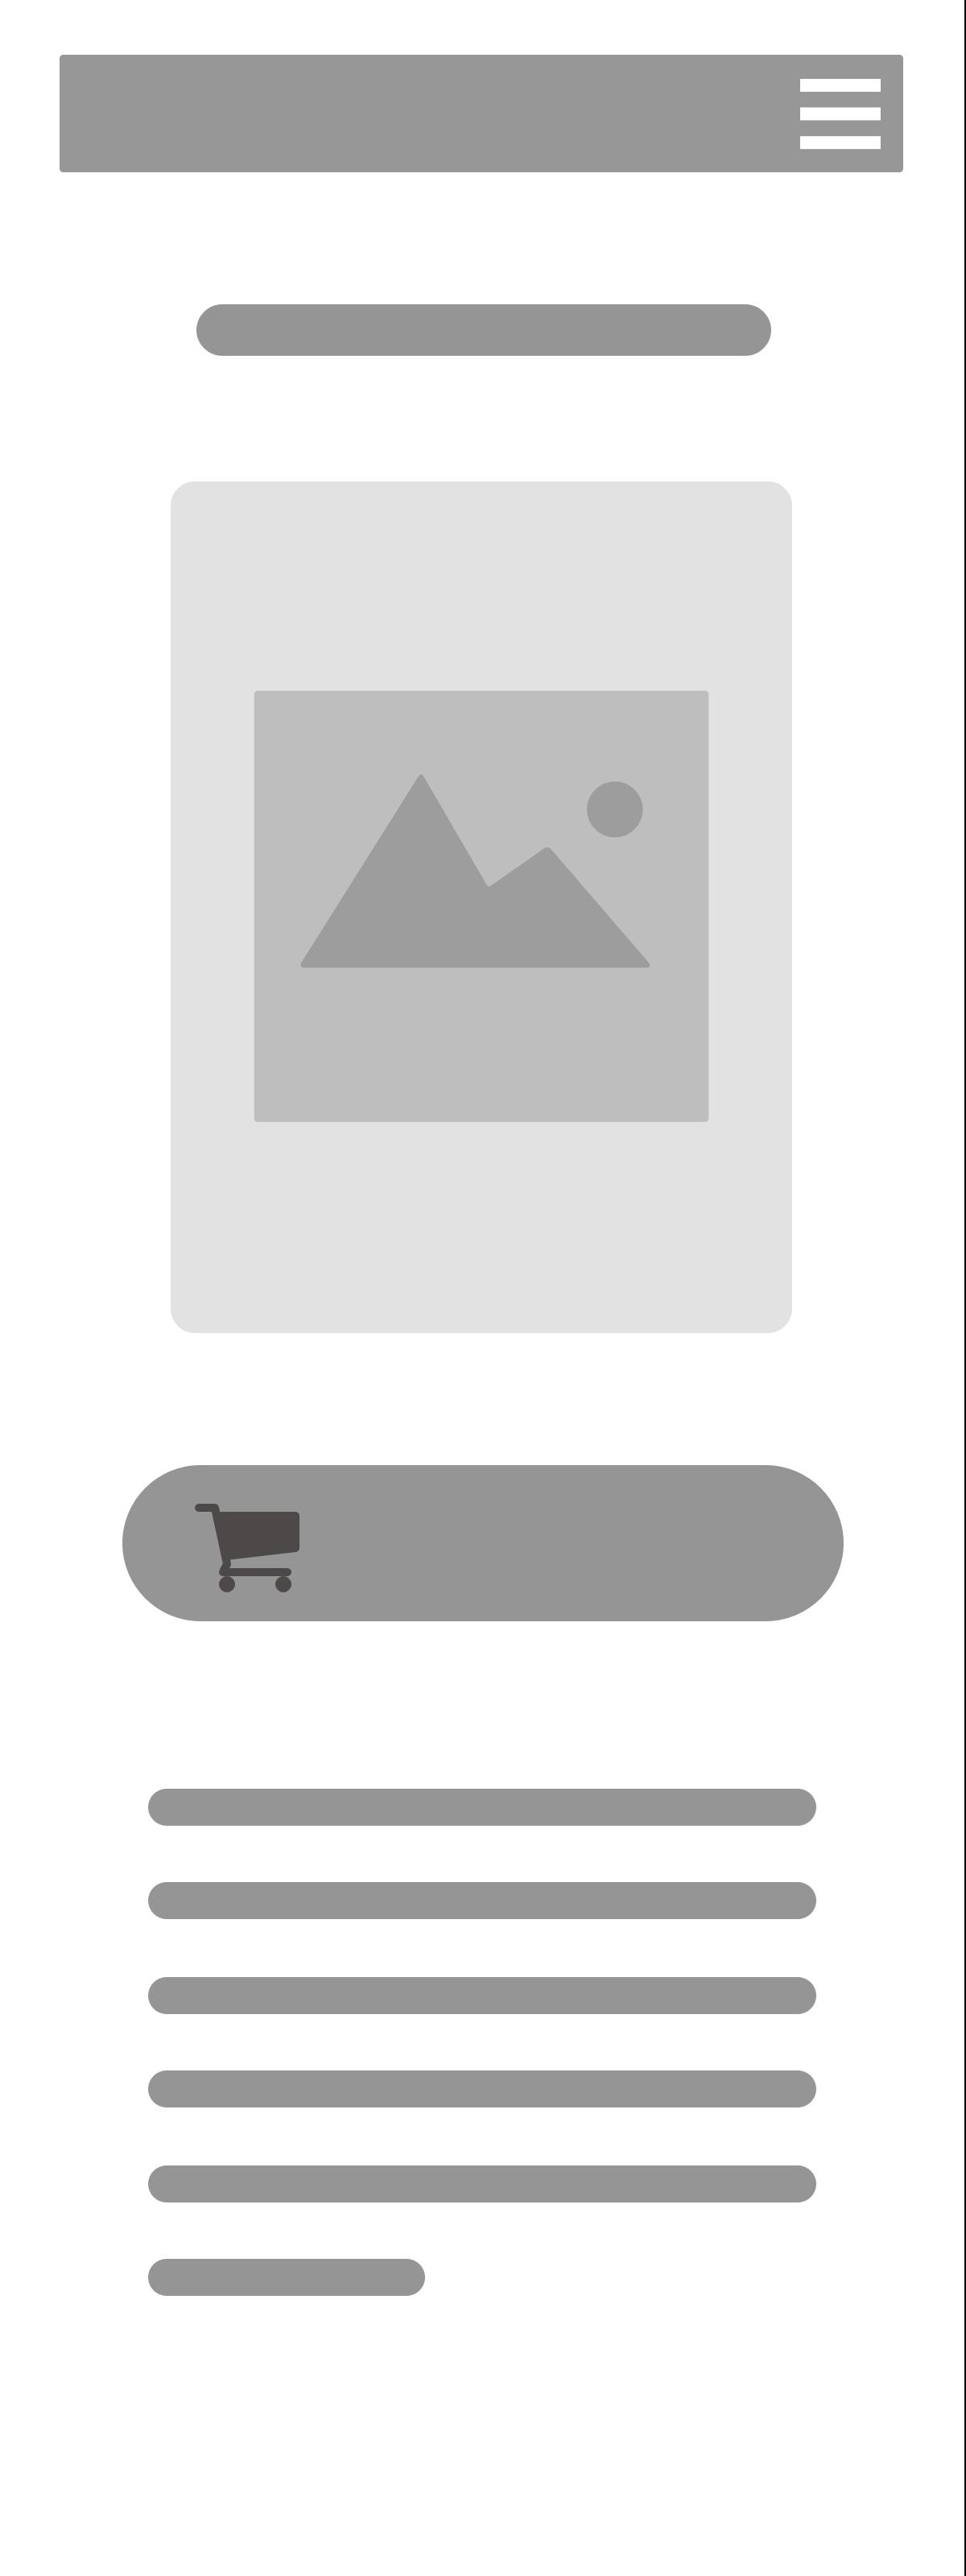 Genius Online Shop Previous Next Buttons Mobile